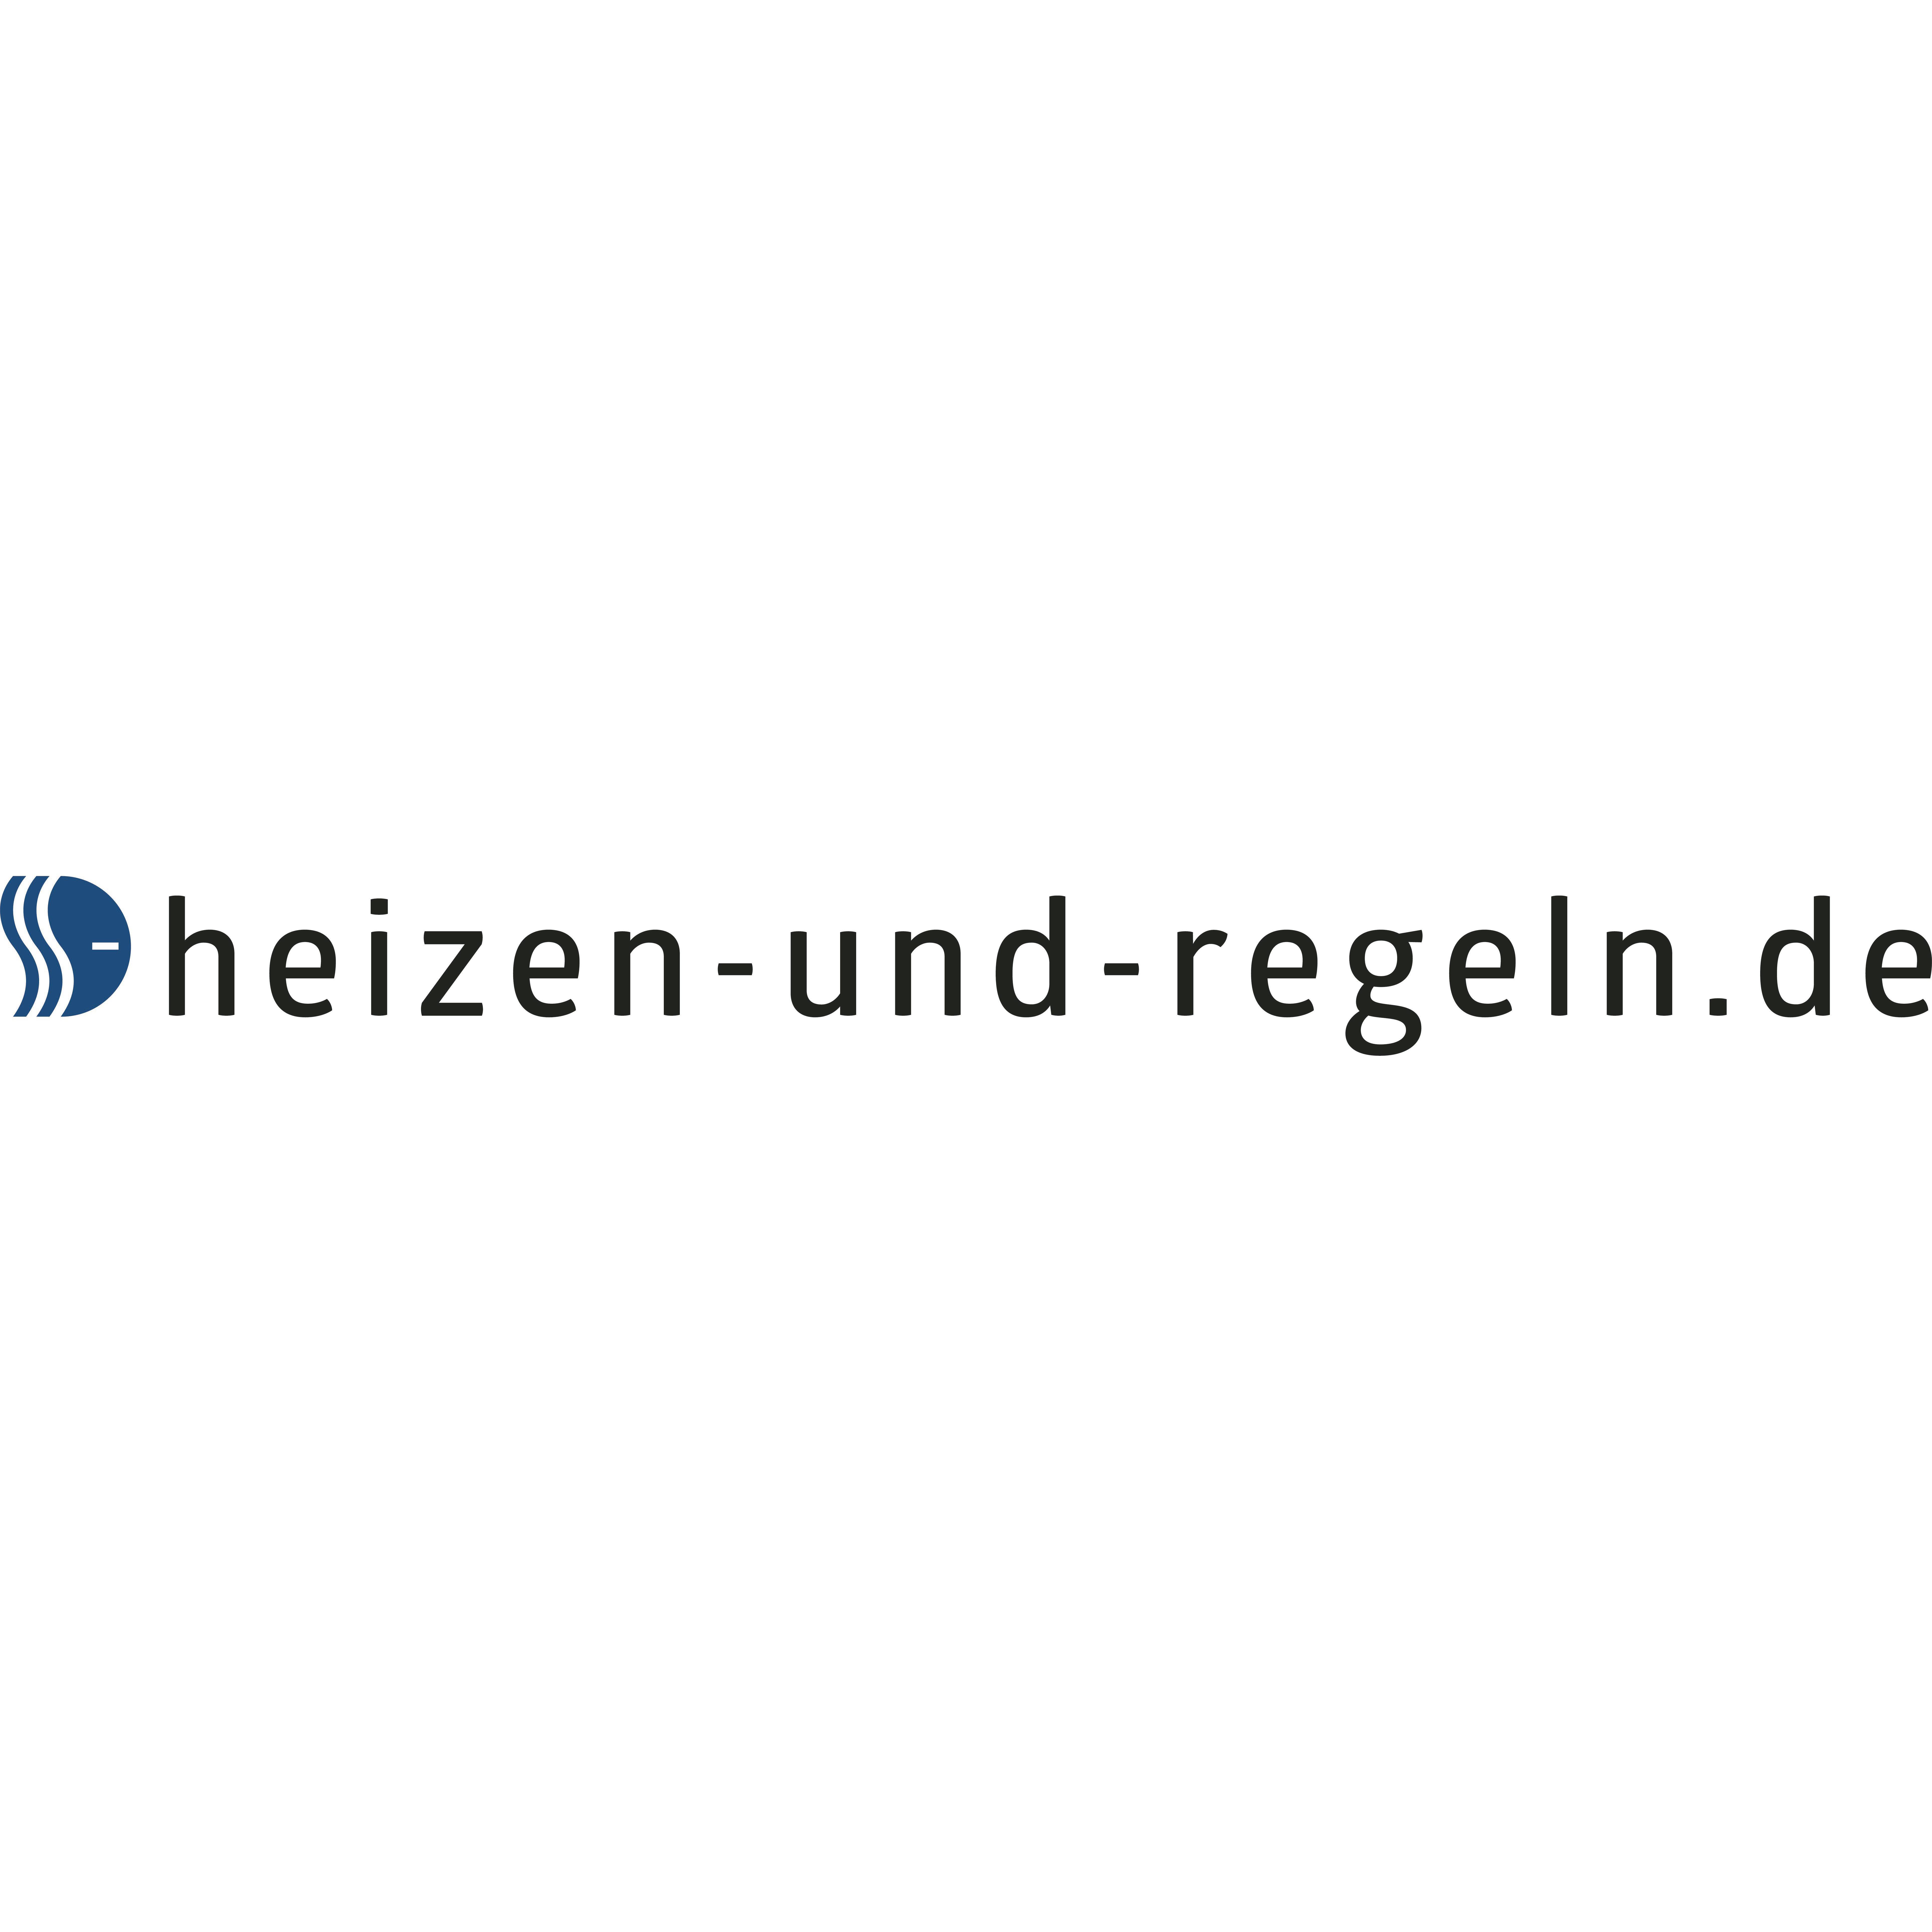 Bild zu heizen-und-regeln.de-ein Service der Seibert-Vertriebs-GmbH in Mühlacker